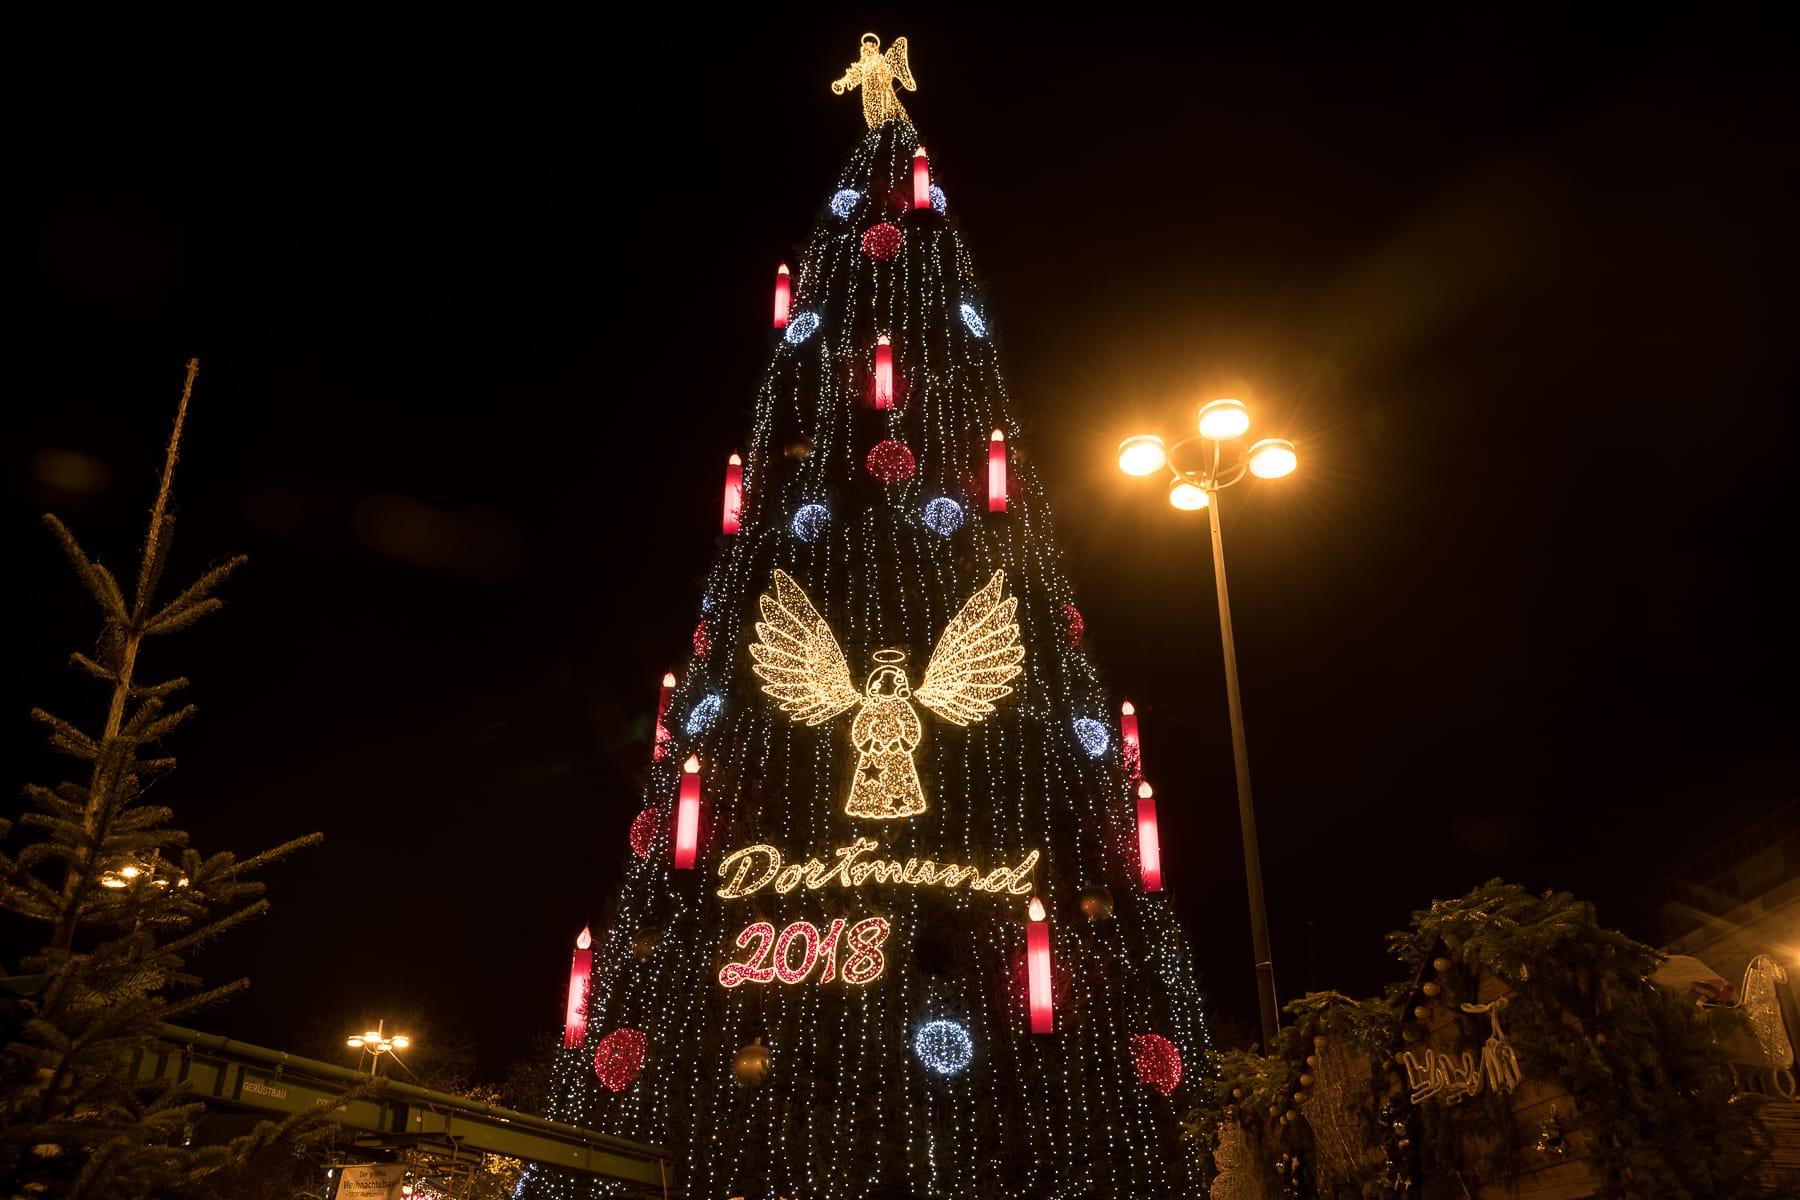 Dortmunder Weihnachtsbaum 2018 bei Nacht festlich beleuchtet